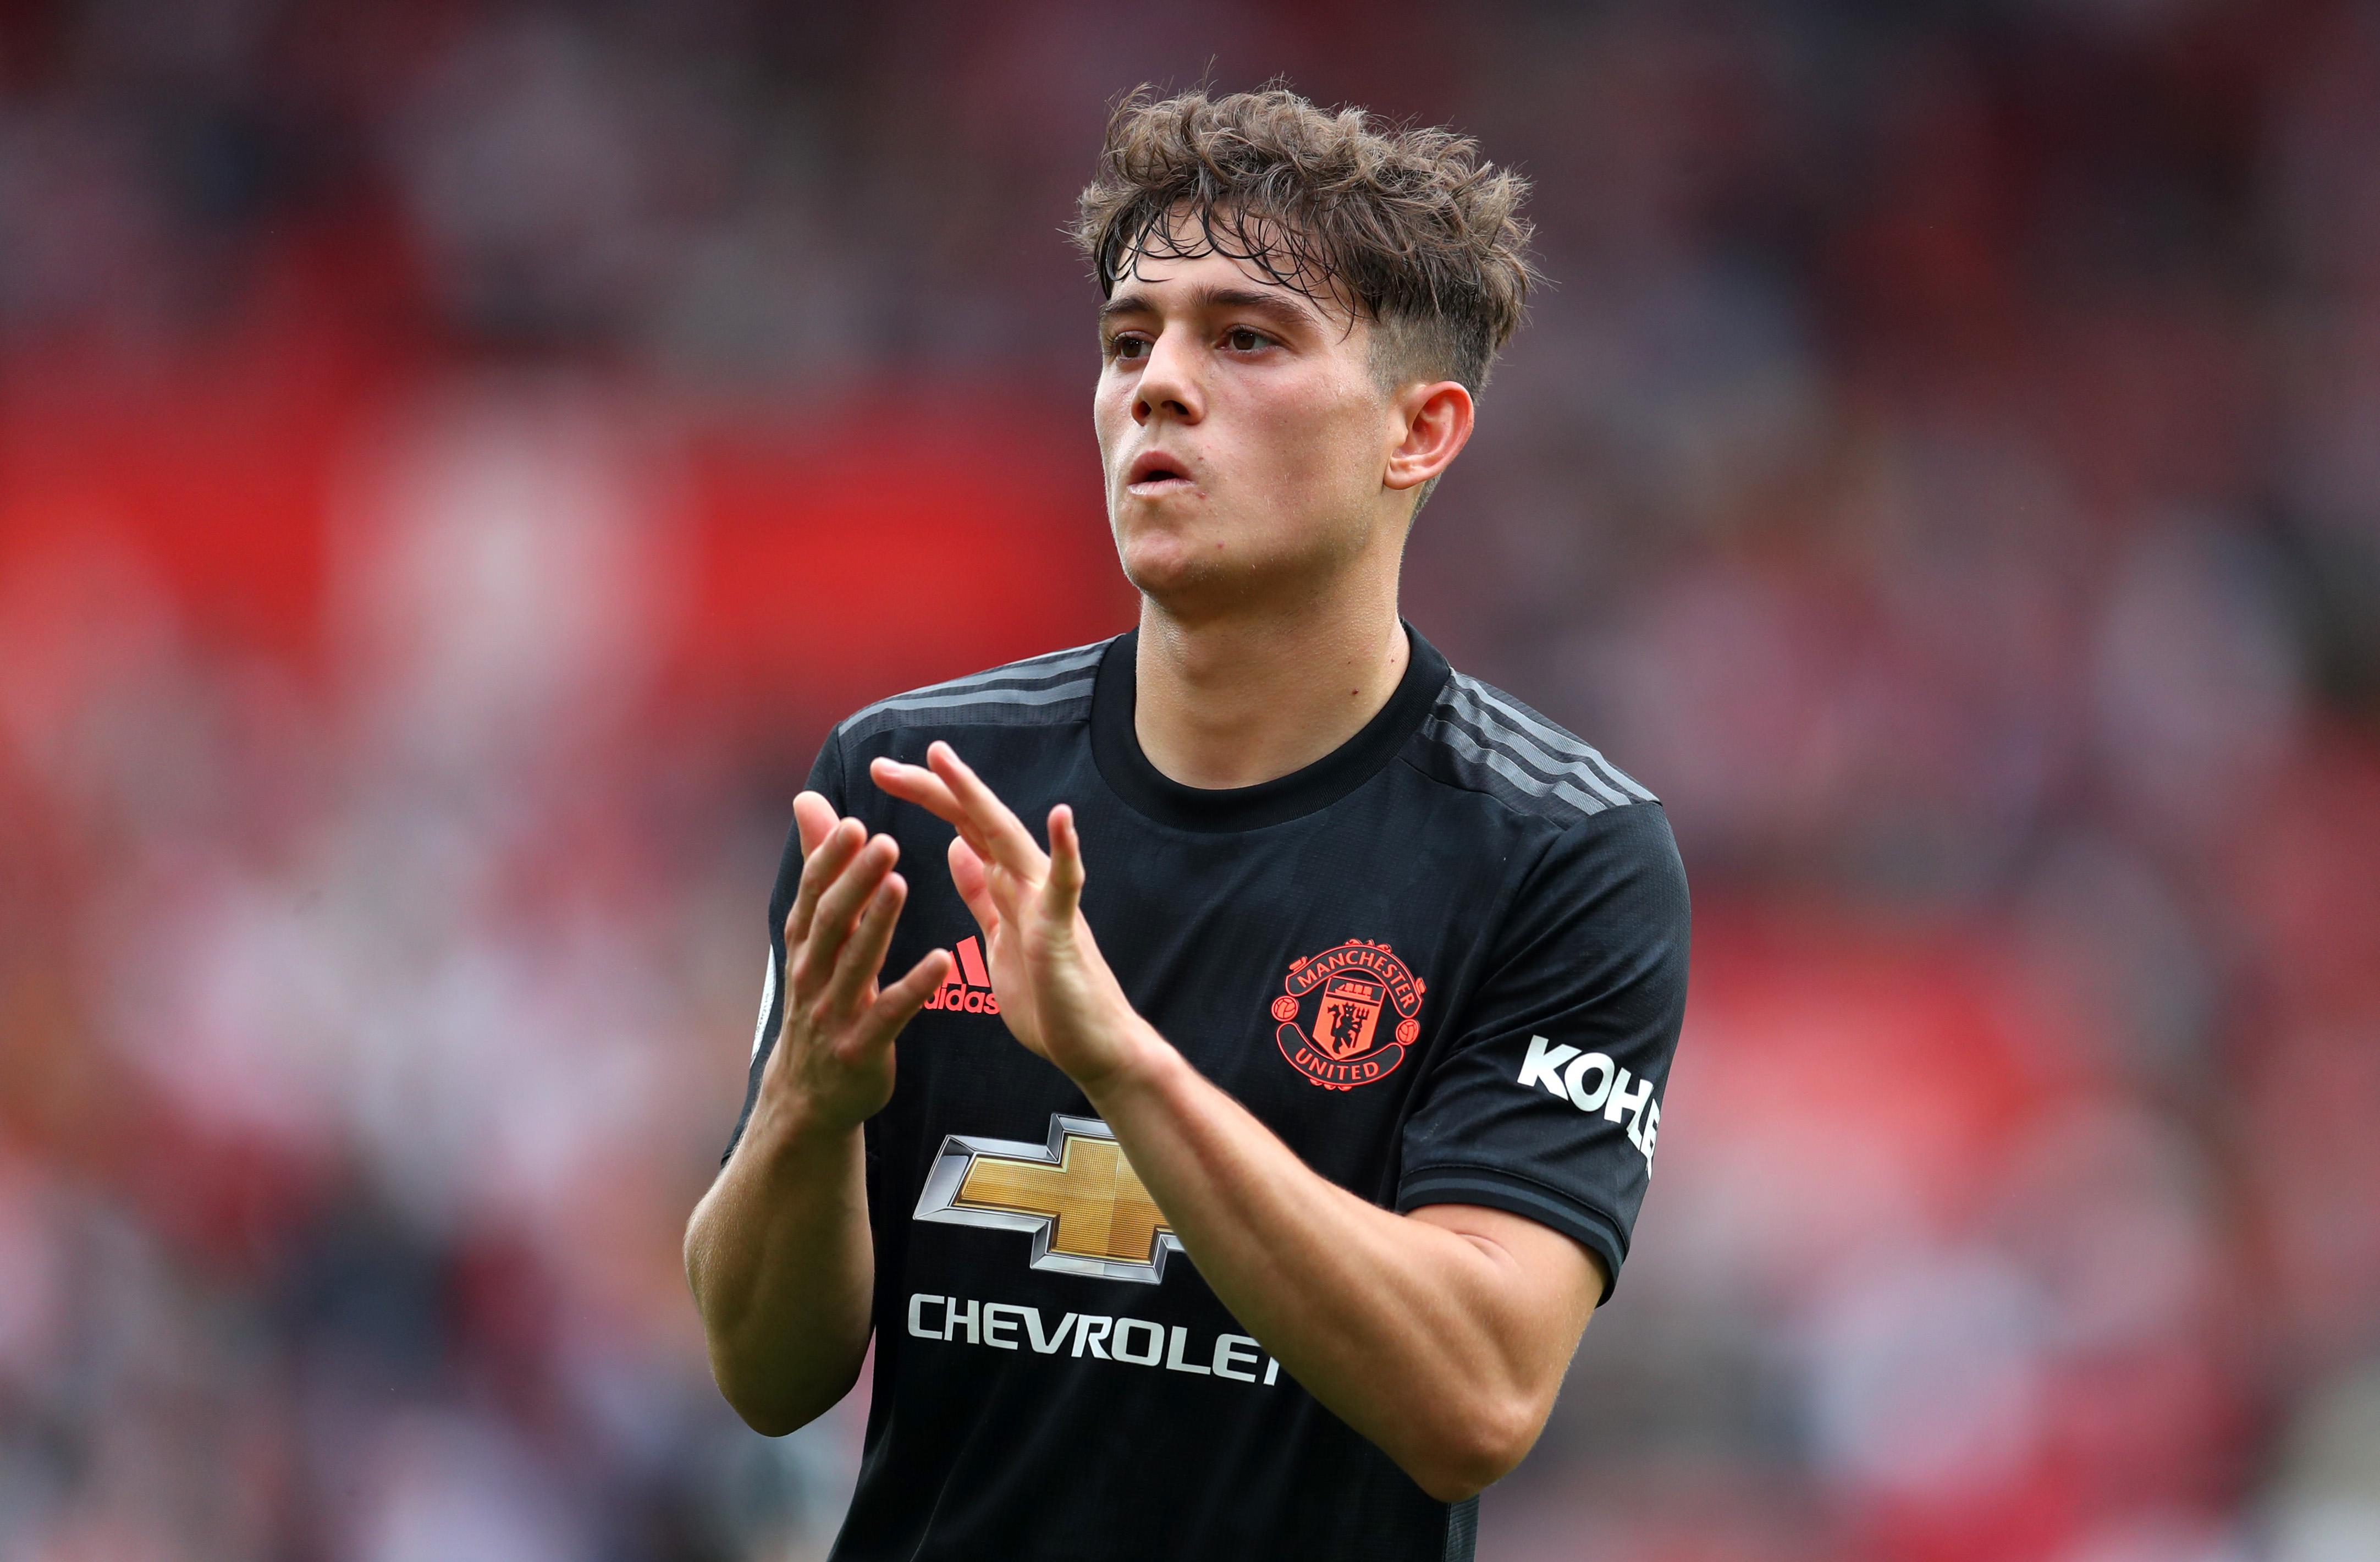 Daniel James - Manchester United - Premier League